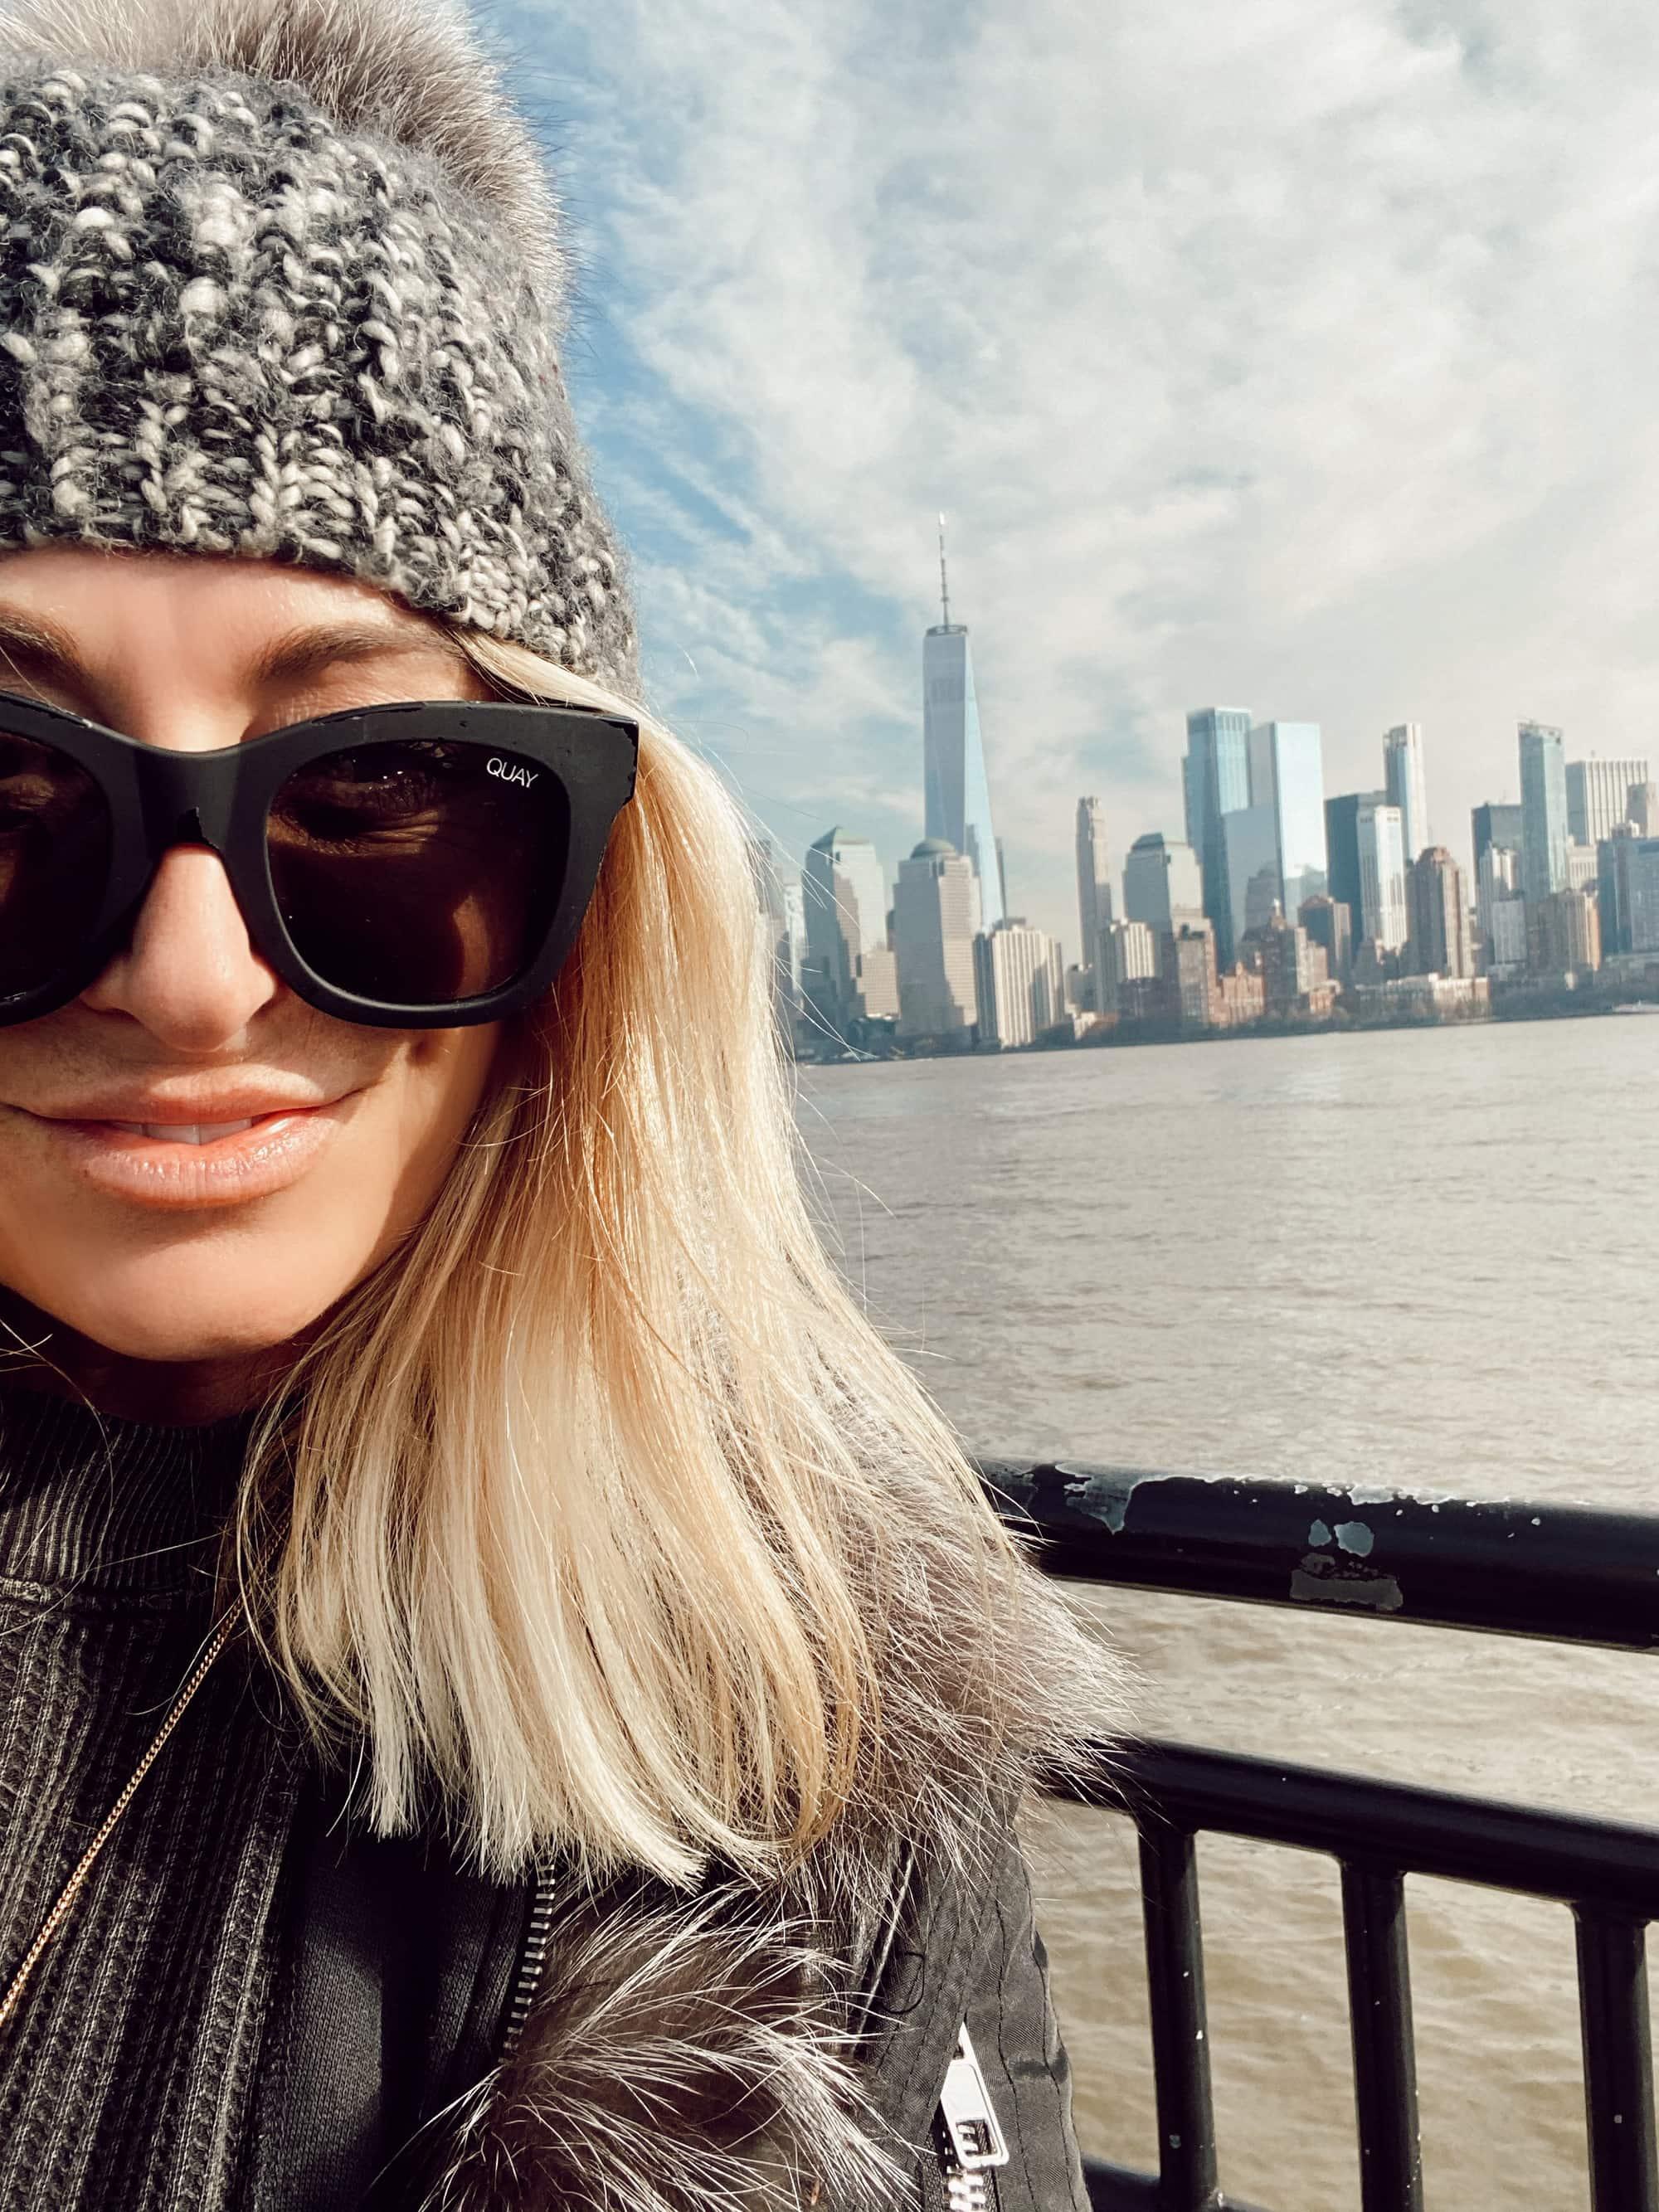 woman selfie with new york city skyline